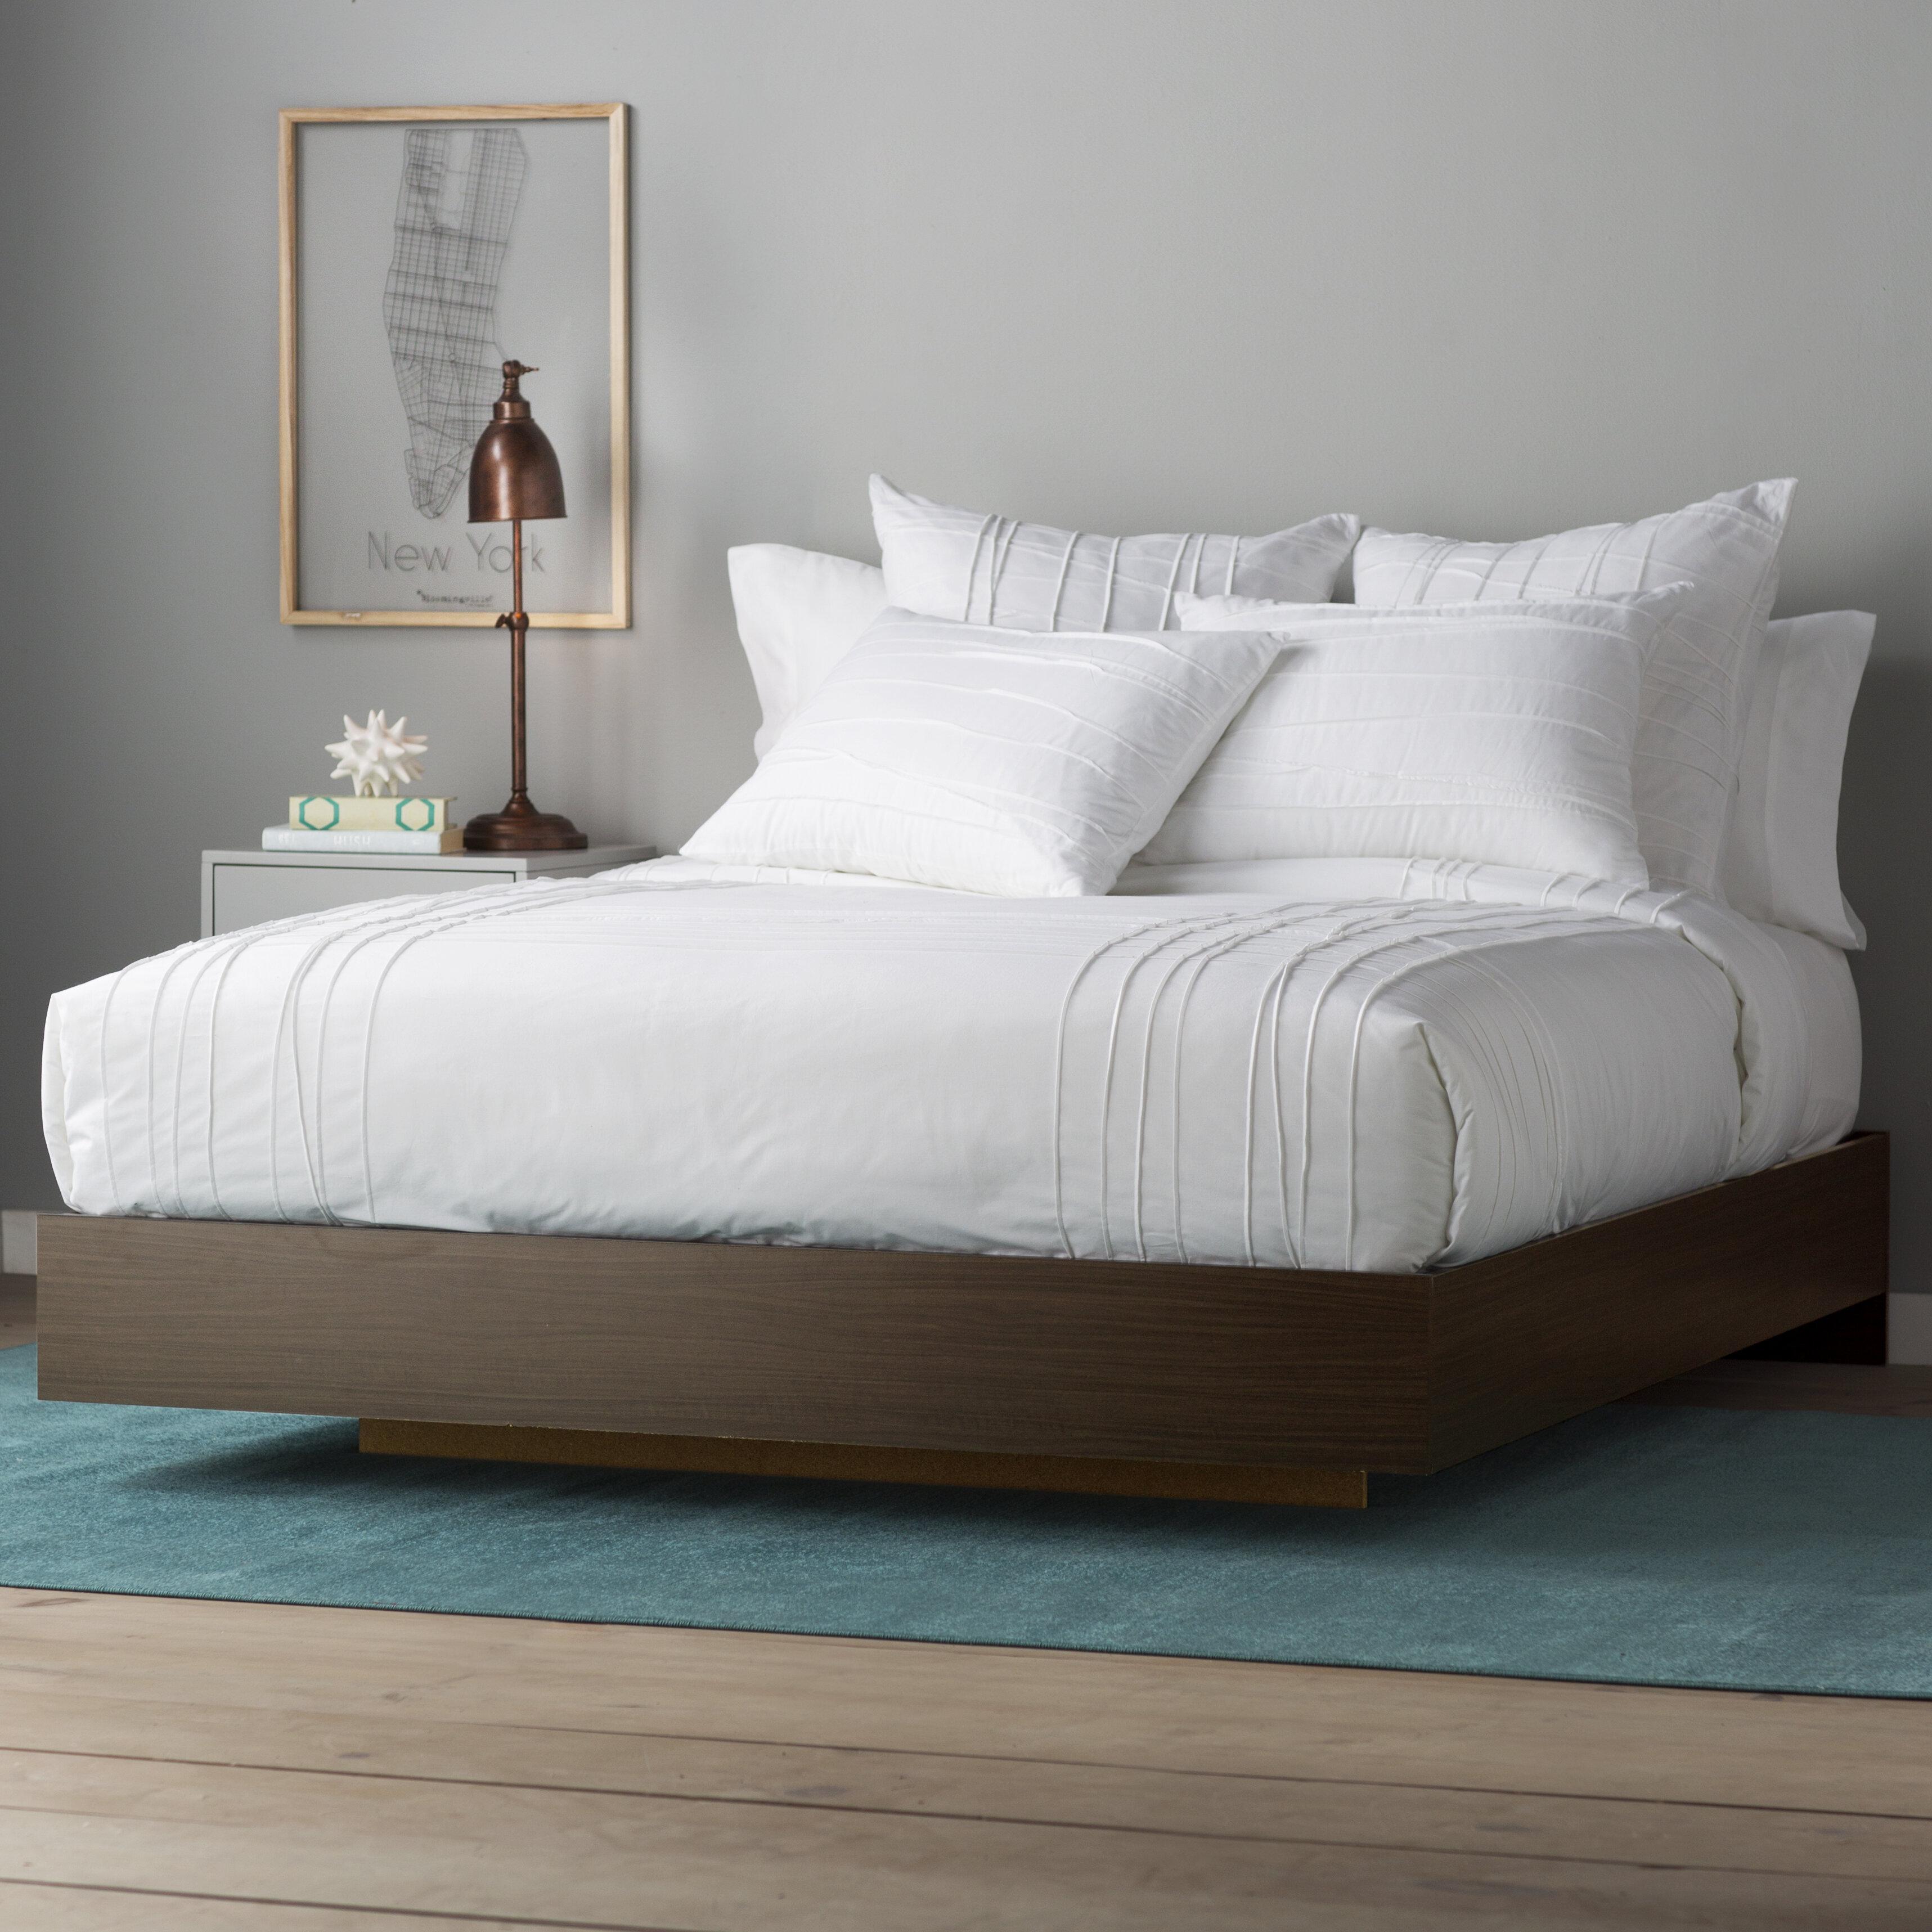 set bed kids furniture platform japanese traditional frames ikea bedroom style